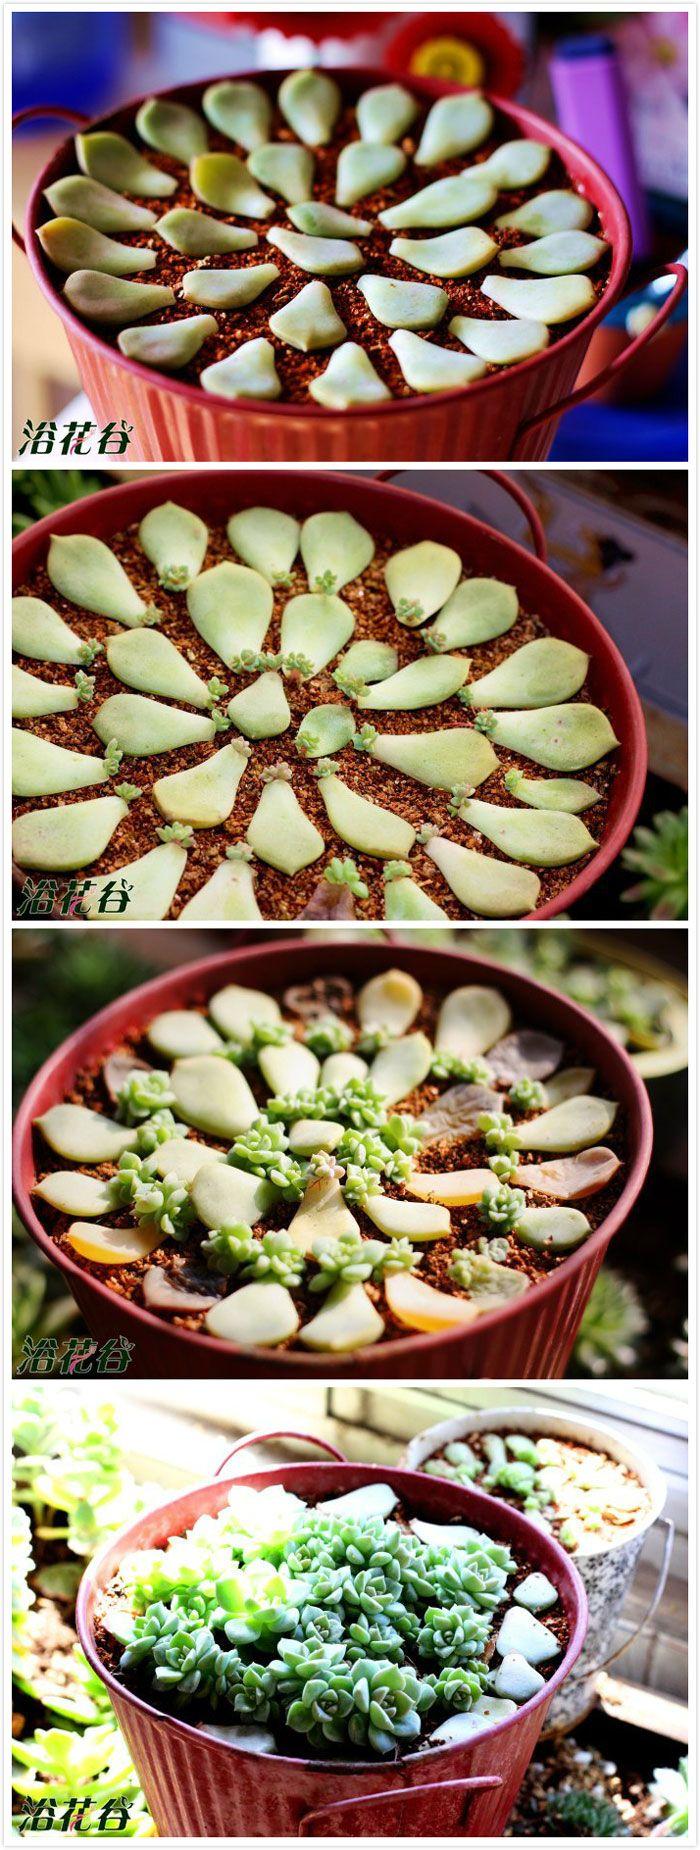 Vaso de plantas suculentas                                                                                                                                                      Mais                                                                                                                                                                                 Mais